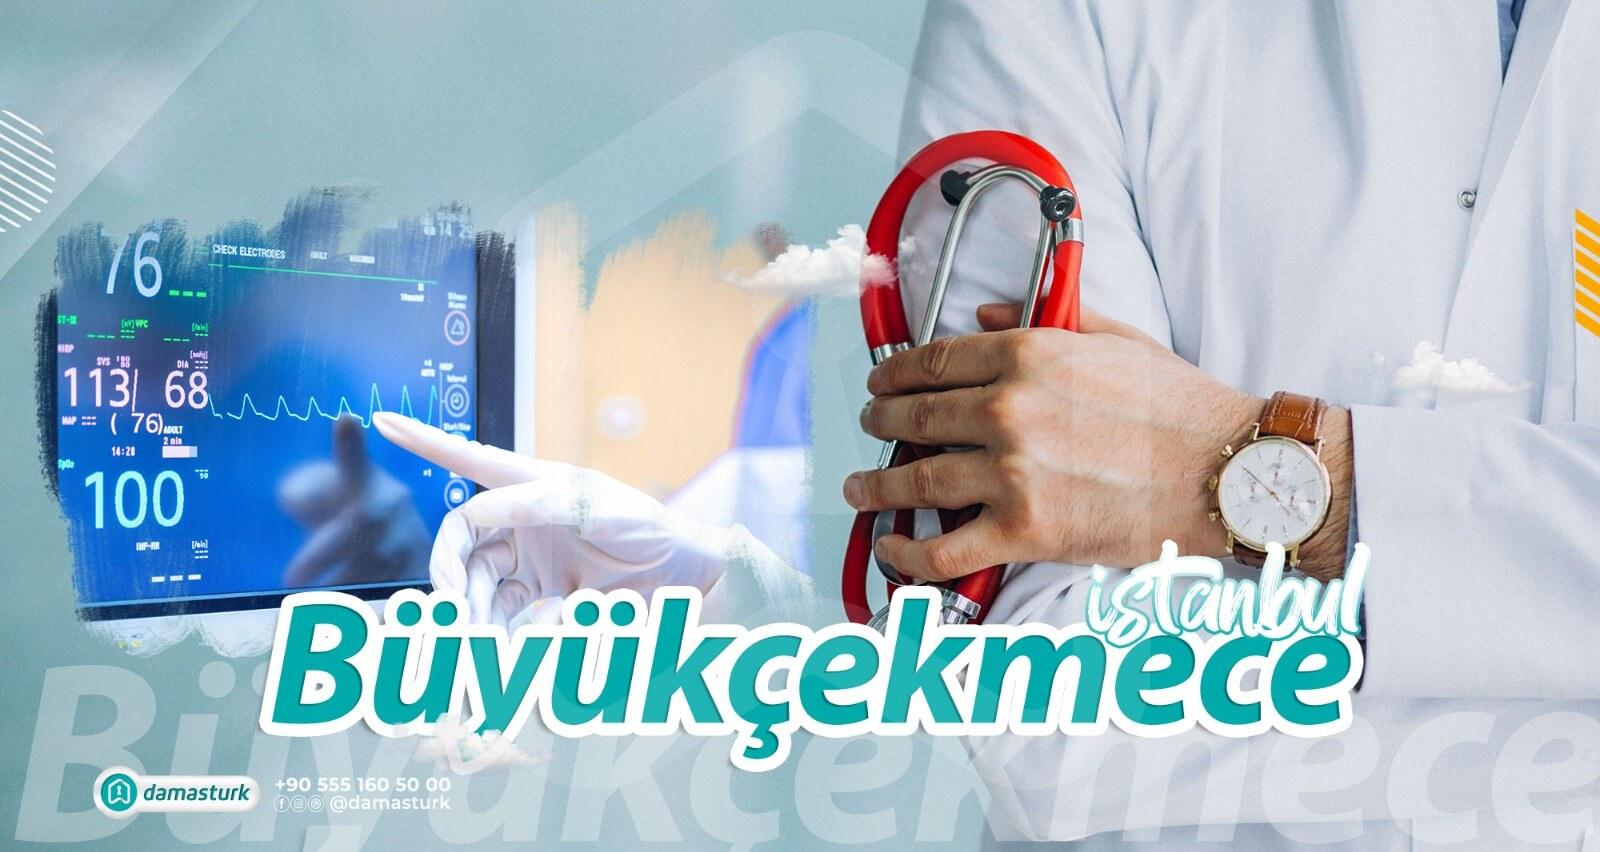 المستشفيات والمراكز الصحية في منطقة بيوك شكمجة  2021